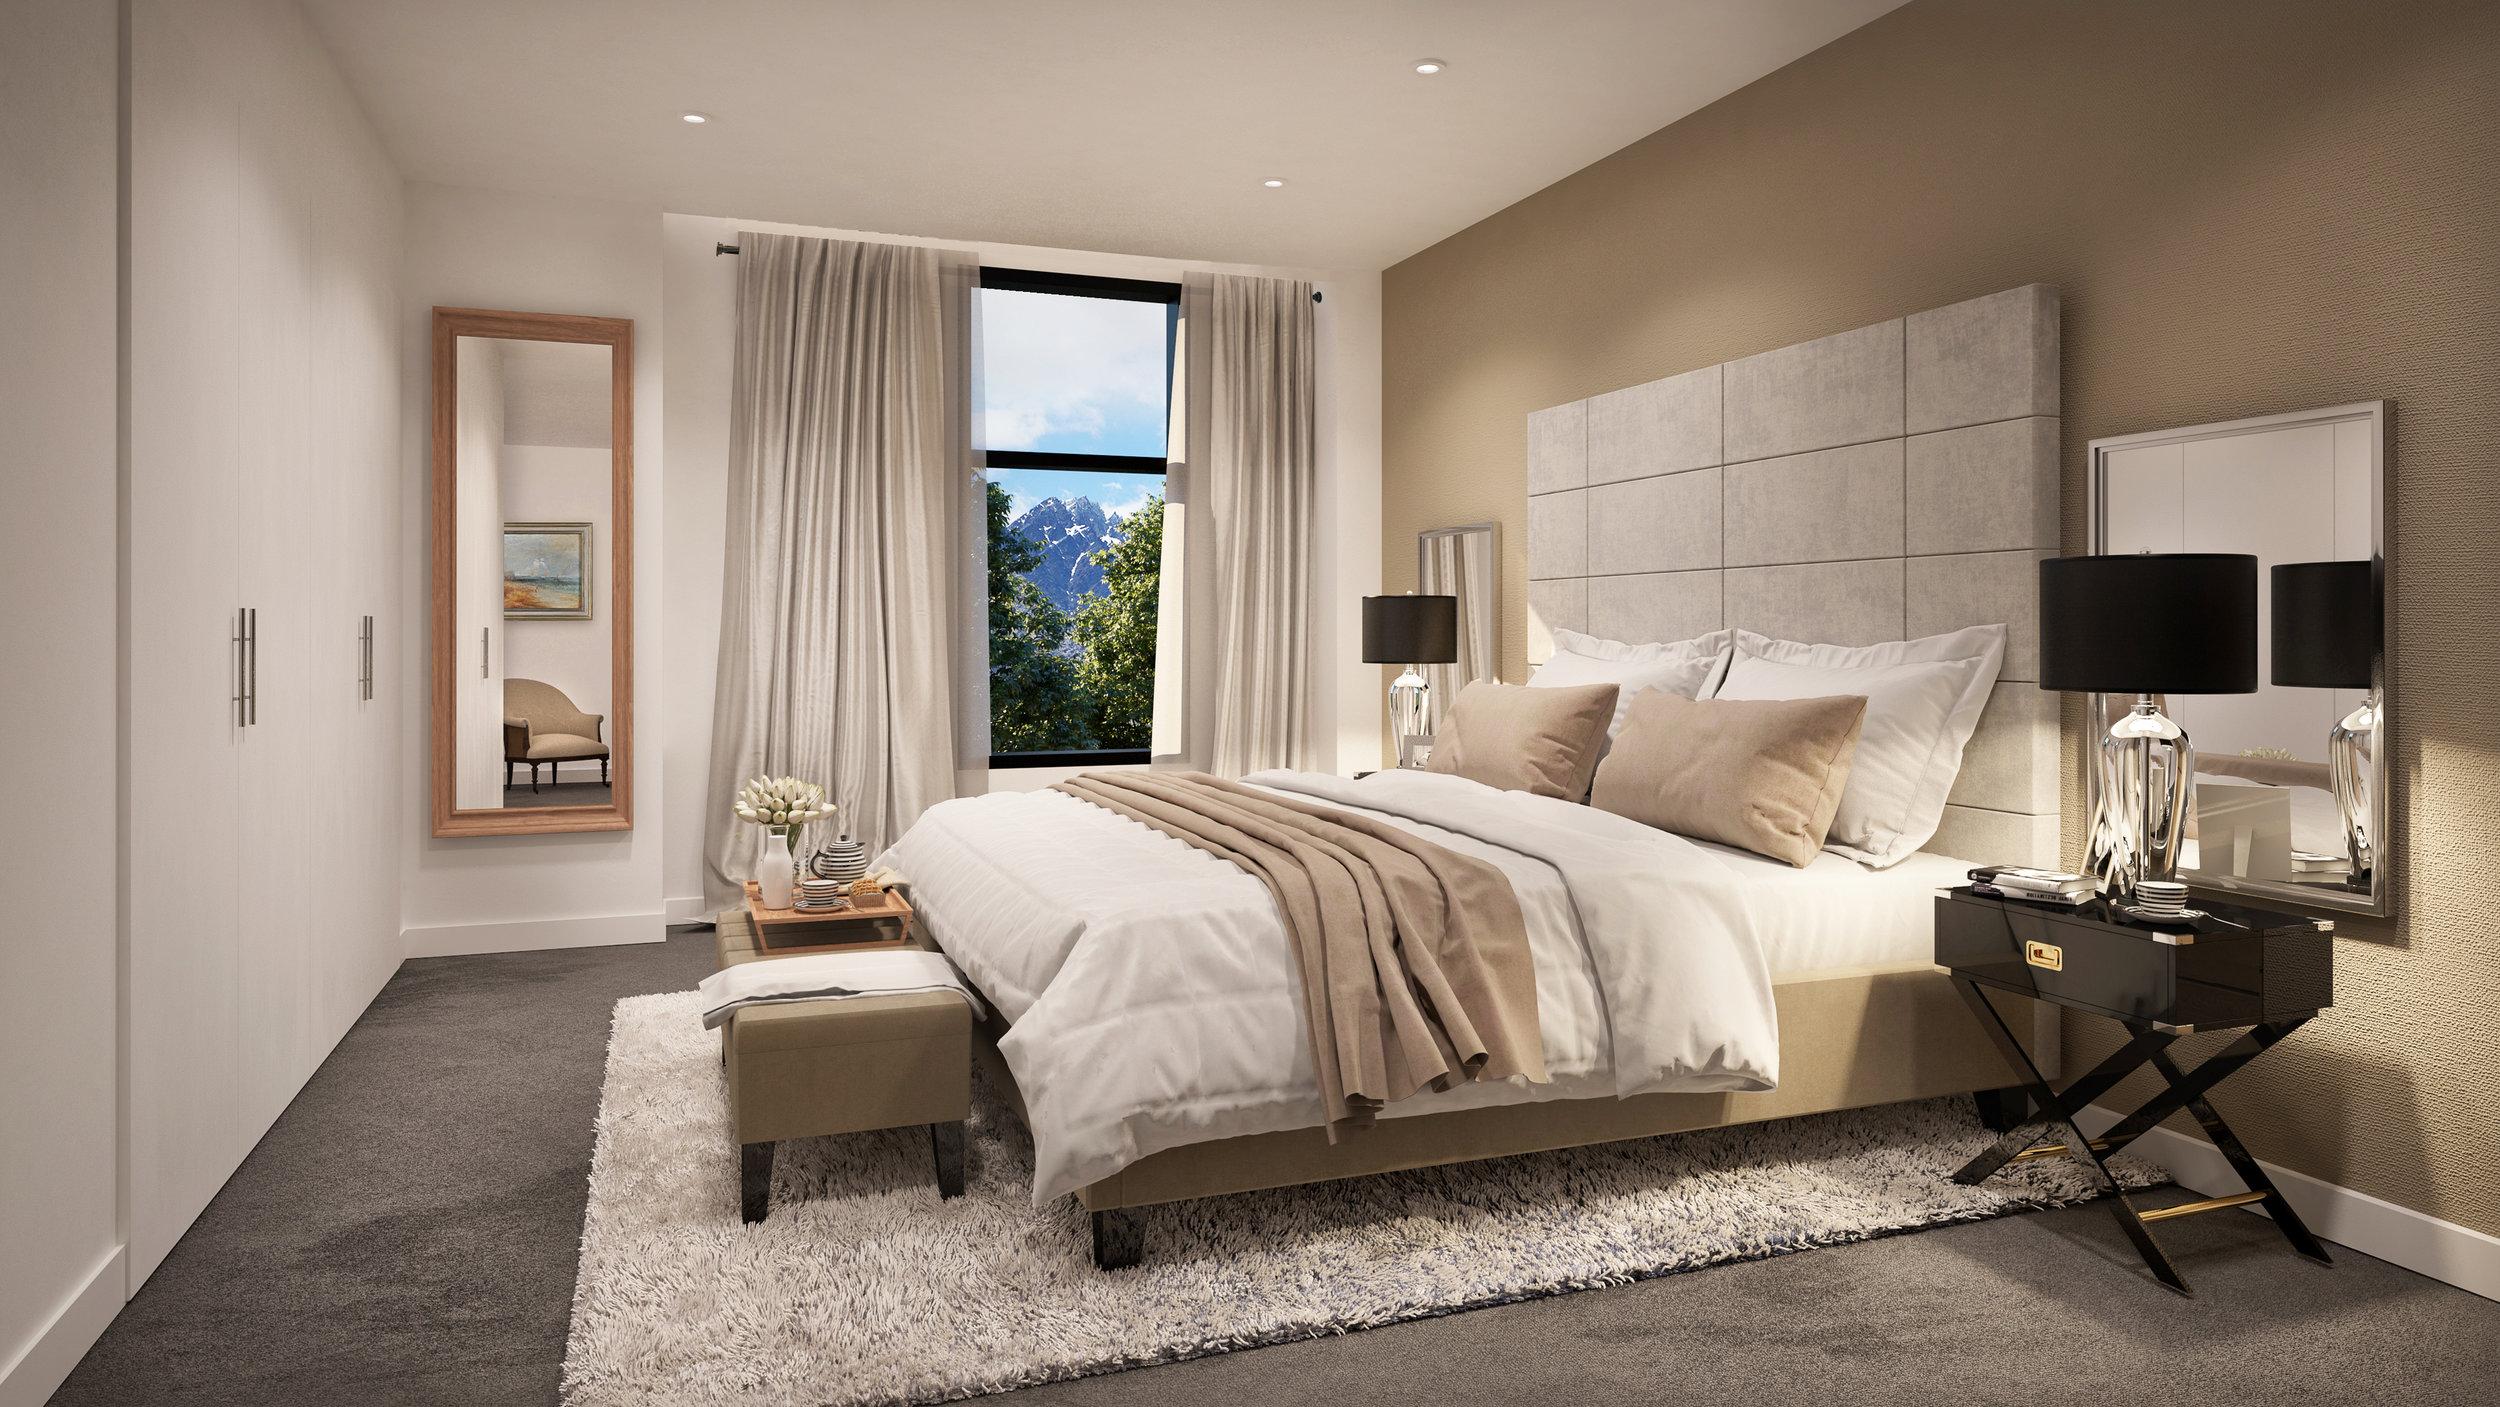 Remarkables_Bedroom_Final_03-amended.jpg